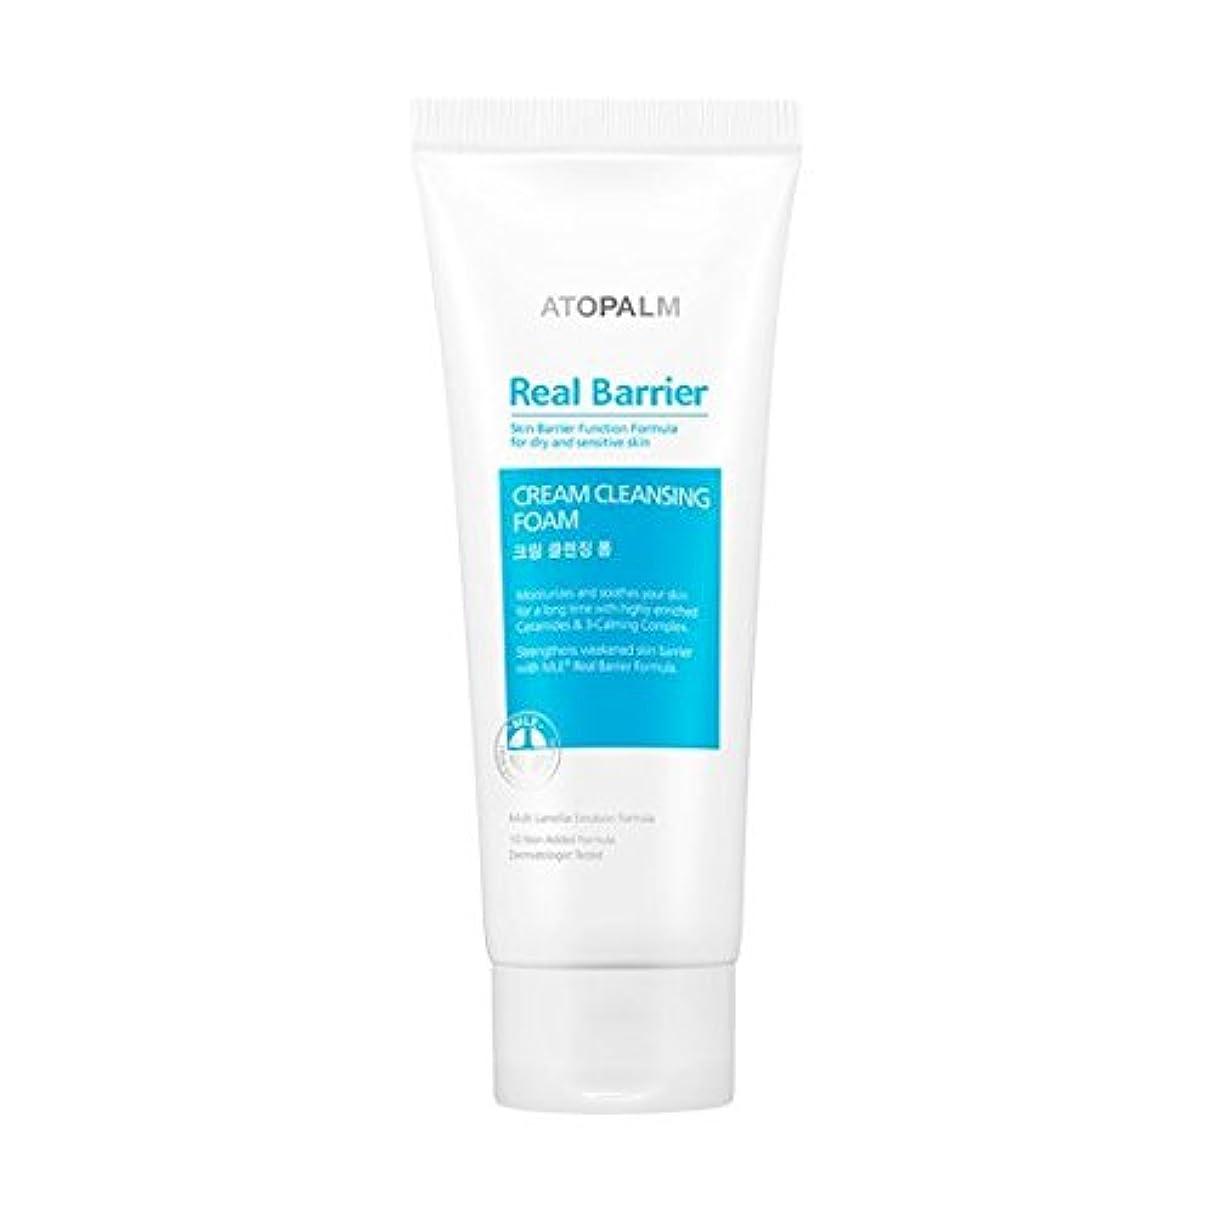 彼女スライムジョージバーナード[Atopalm (韓国コスメ アトパーム)] Real barrier cream cleansing foam (150g) リアルバリアクリームクレンジング?フォーム[並行輸入品][海外直送品]